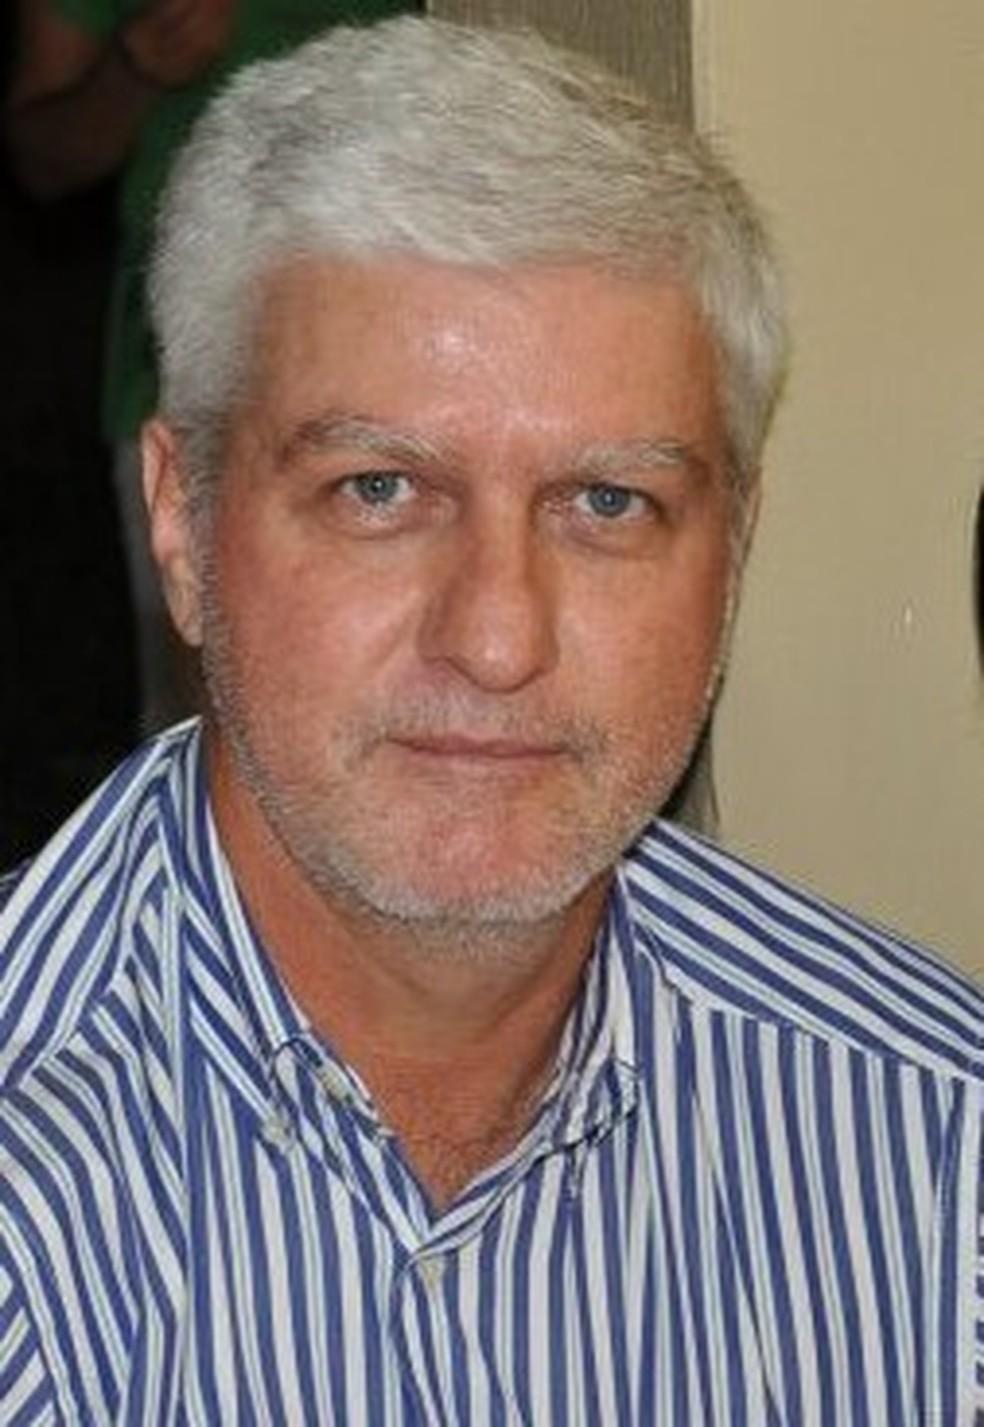 Advogado Nilson Carreira foi morto nesta quarta-feira (13) (Foto: Reprodução/Facebook)